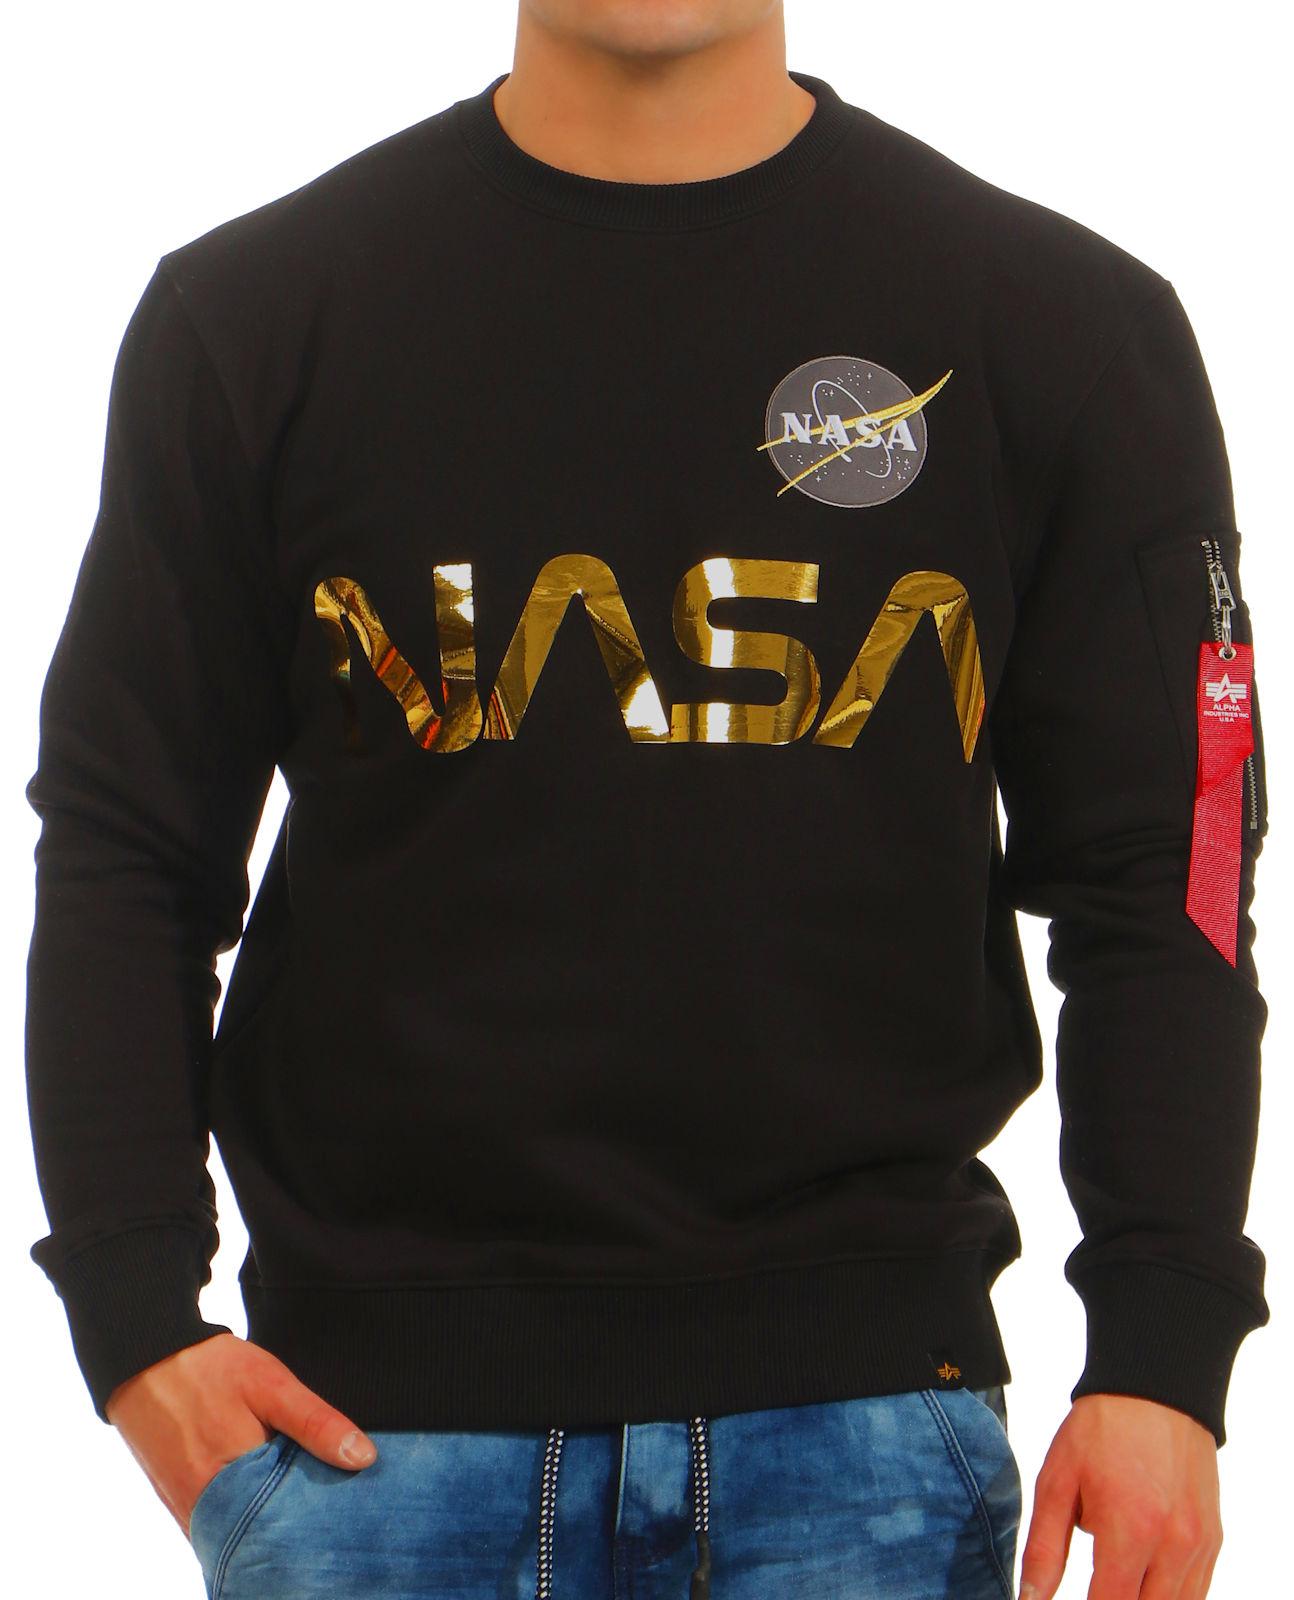 deebeb40c7cf Alpha Industries Herren Sweatshirt Nasa 178309 Männer Pullover ...